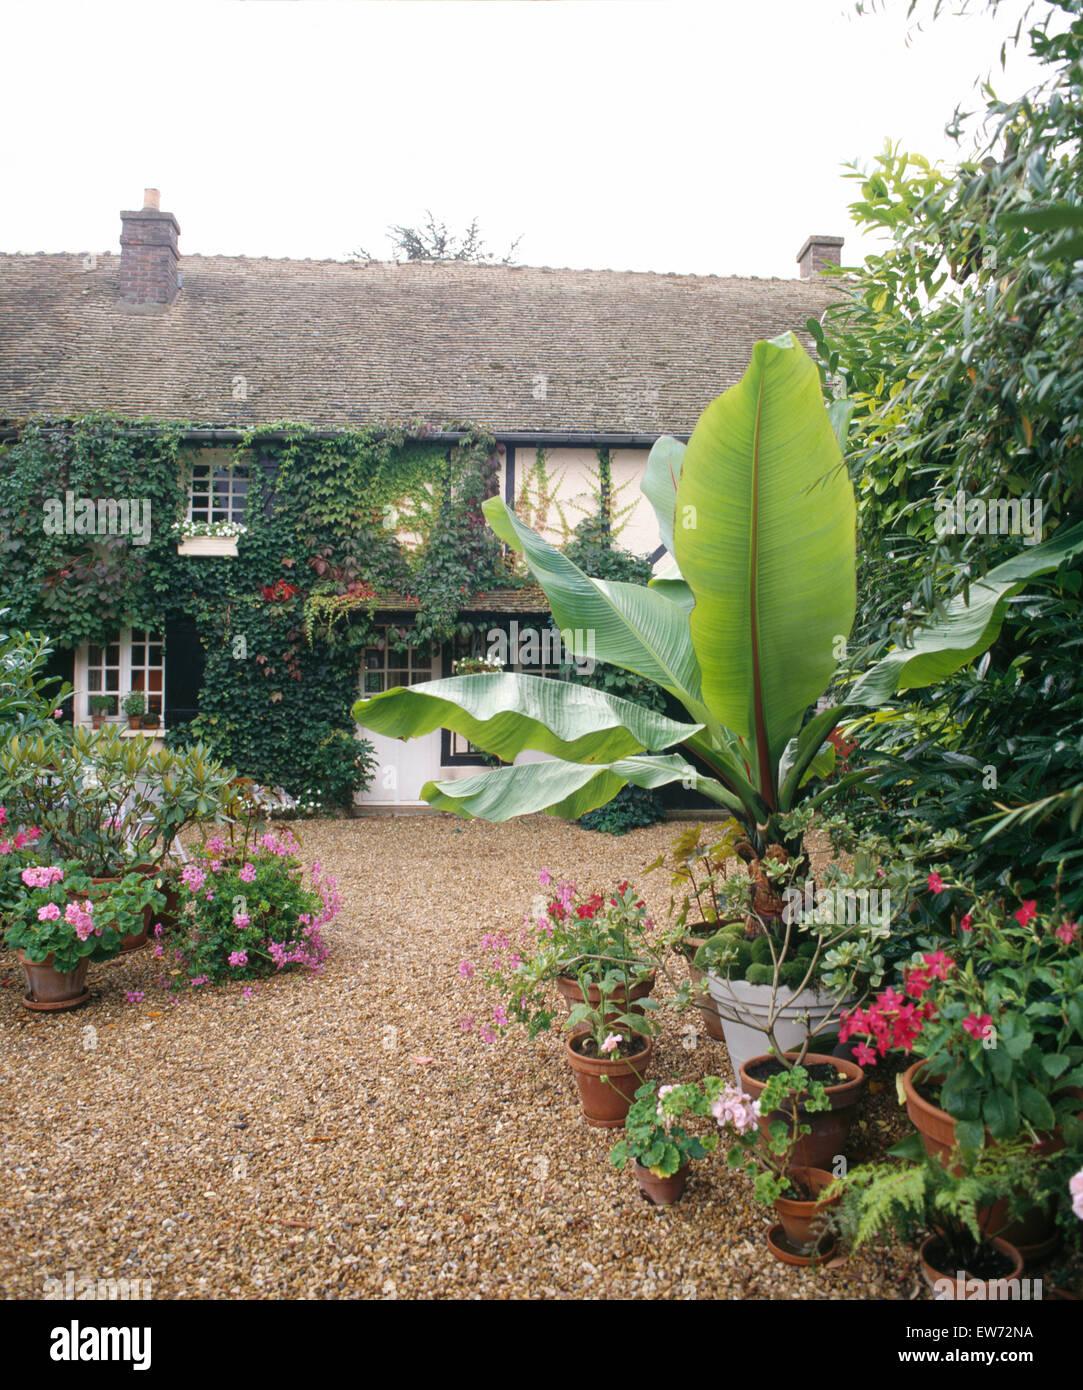 töpfe mit rosa geranien und eine bananenpflanze auf kies terrasse